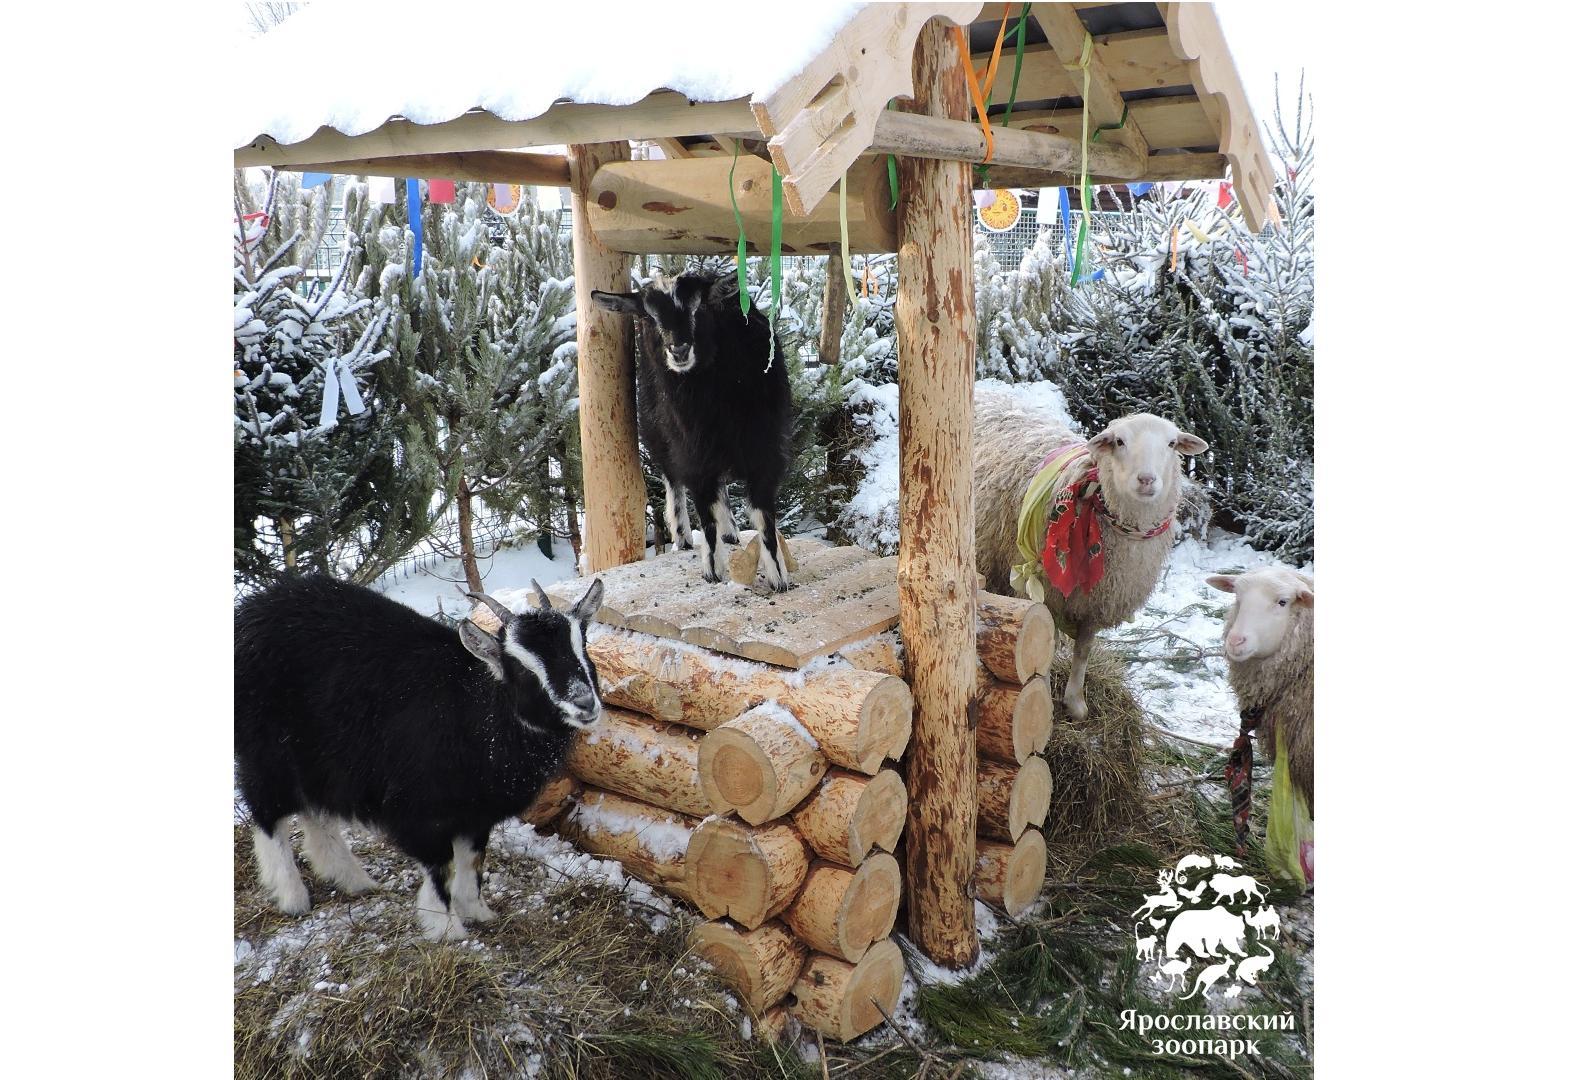 В Ярославском зоопарке на «ZOO-Масленице» устроили показательные кормления